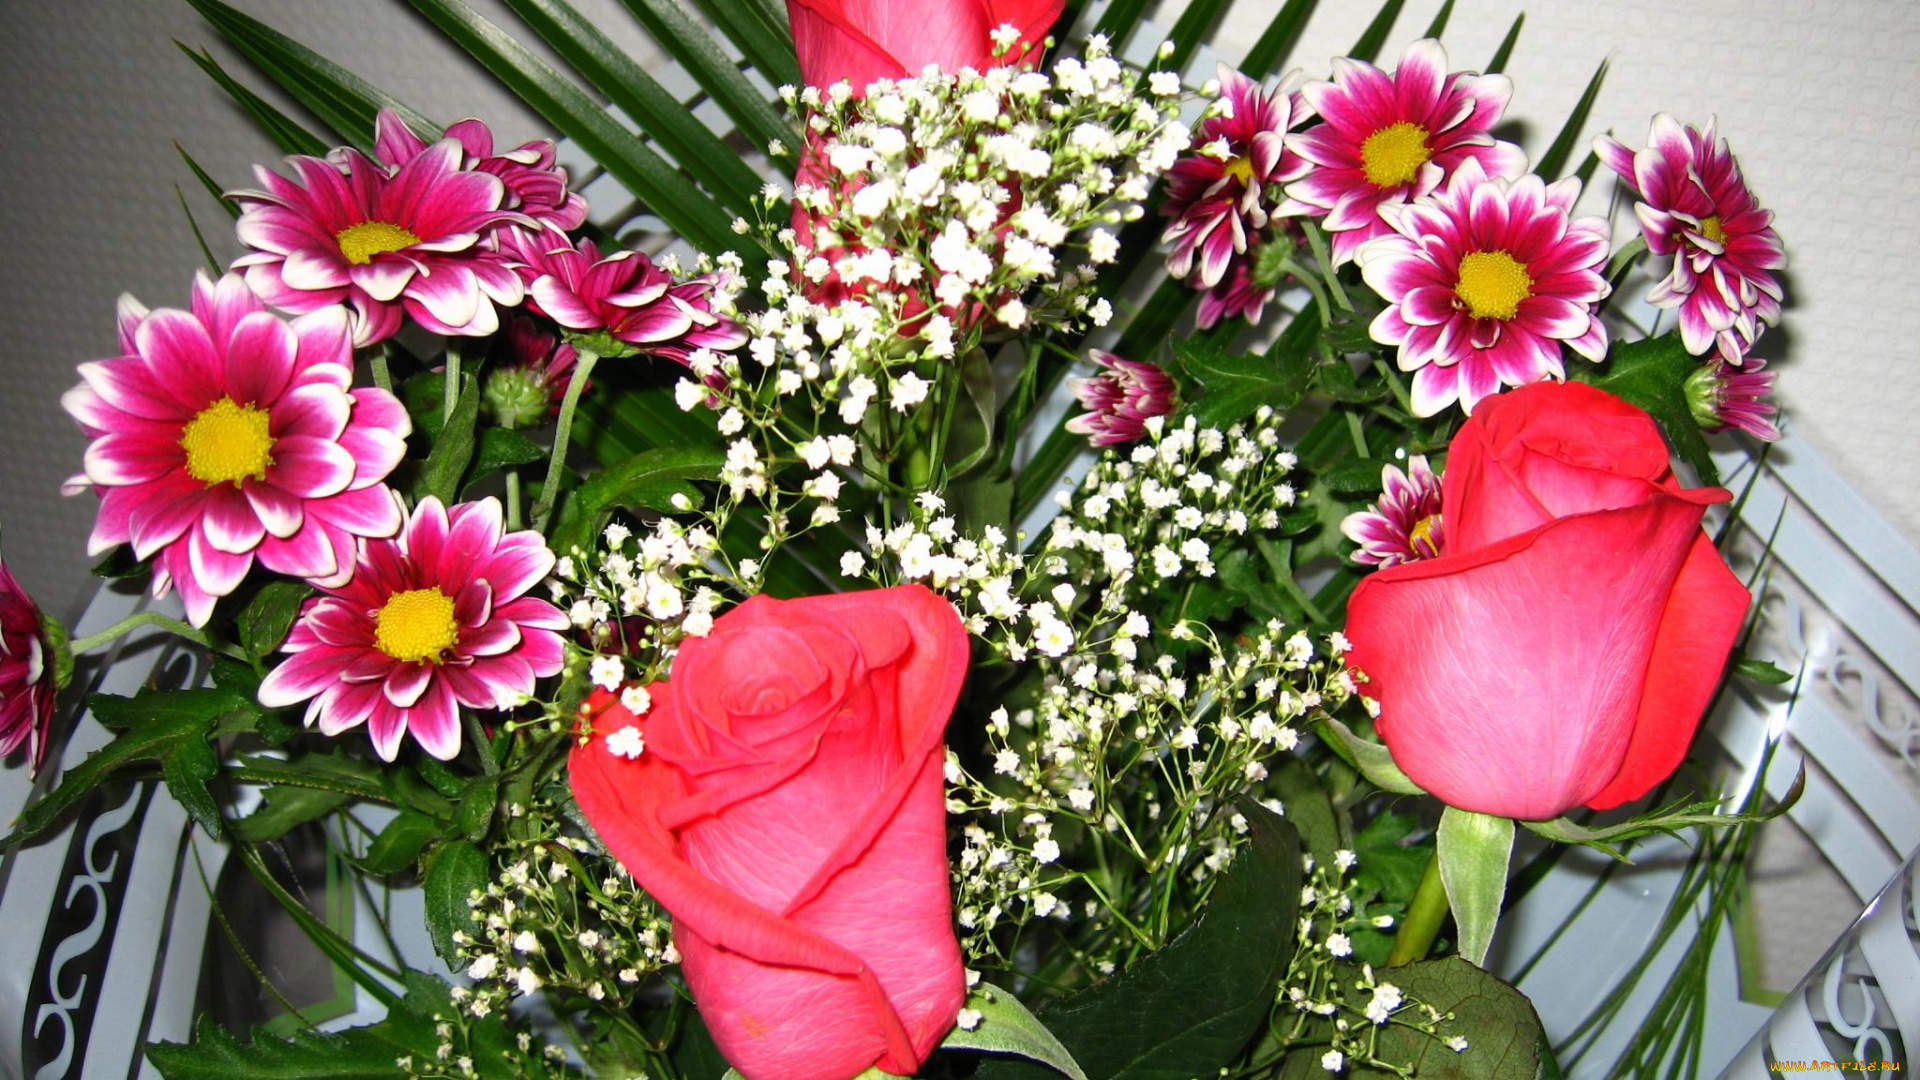 Красивые букеты цветов для женщины картинки, люблю